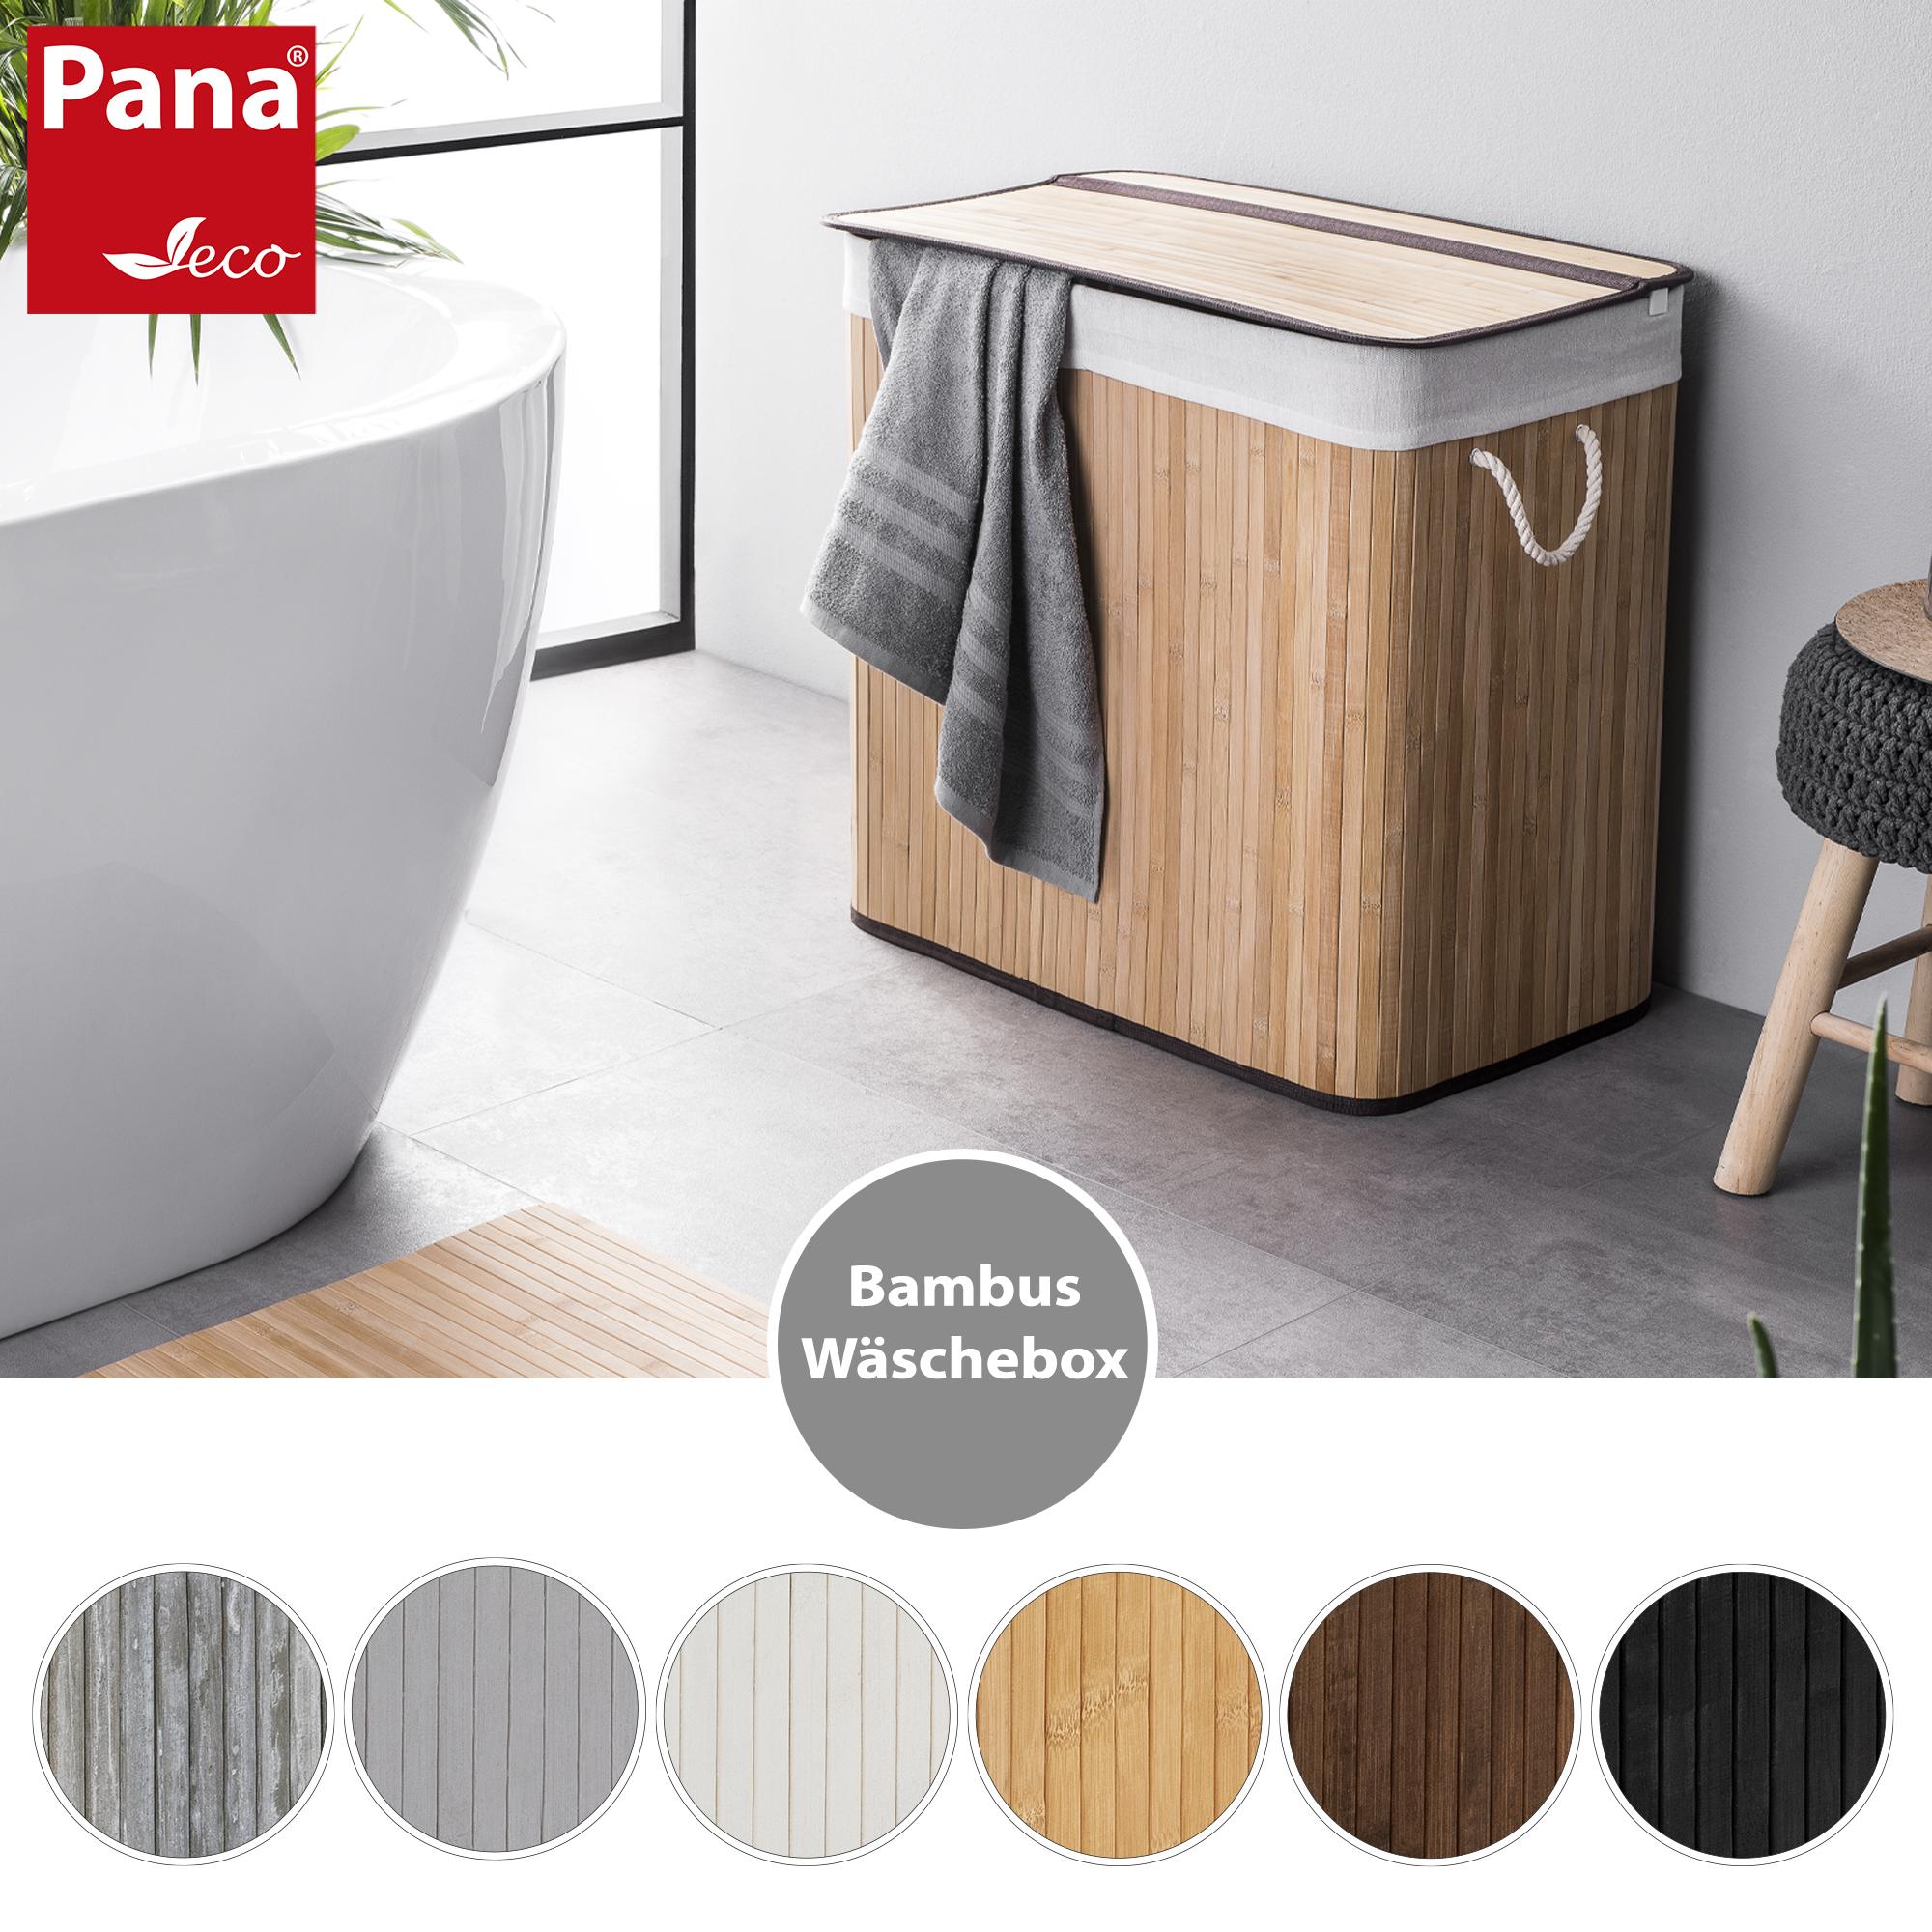 PANA®ECO Bambus Wäschekorb mit Deckel • Wäschebox Holz mit ...